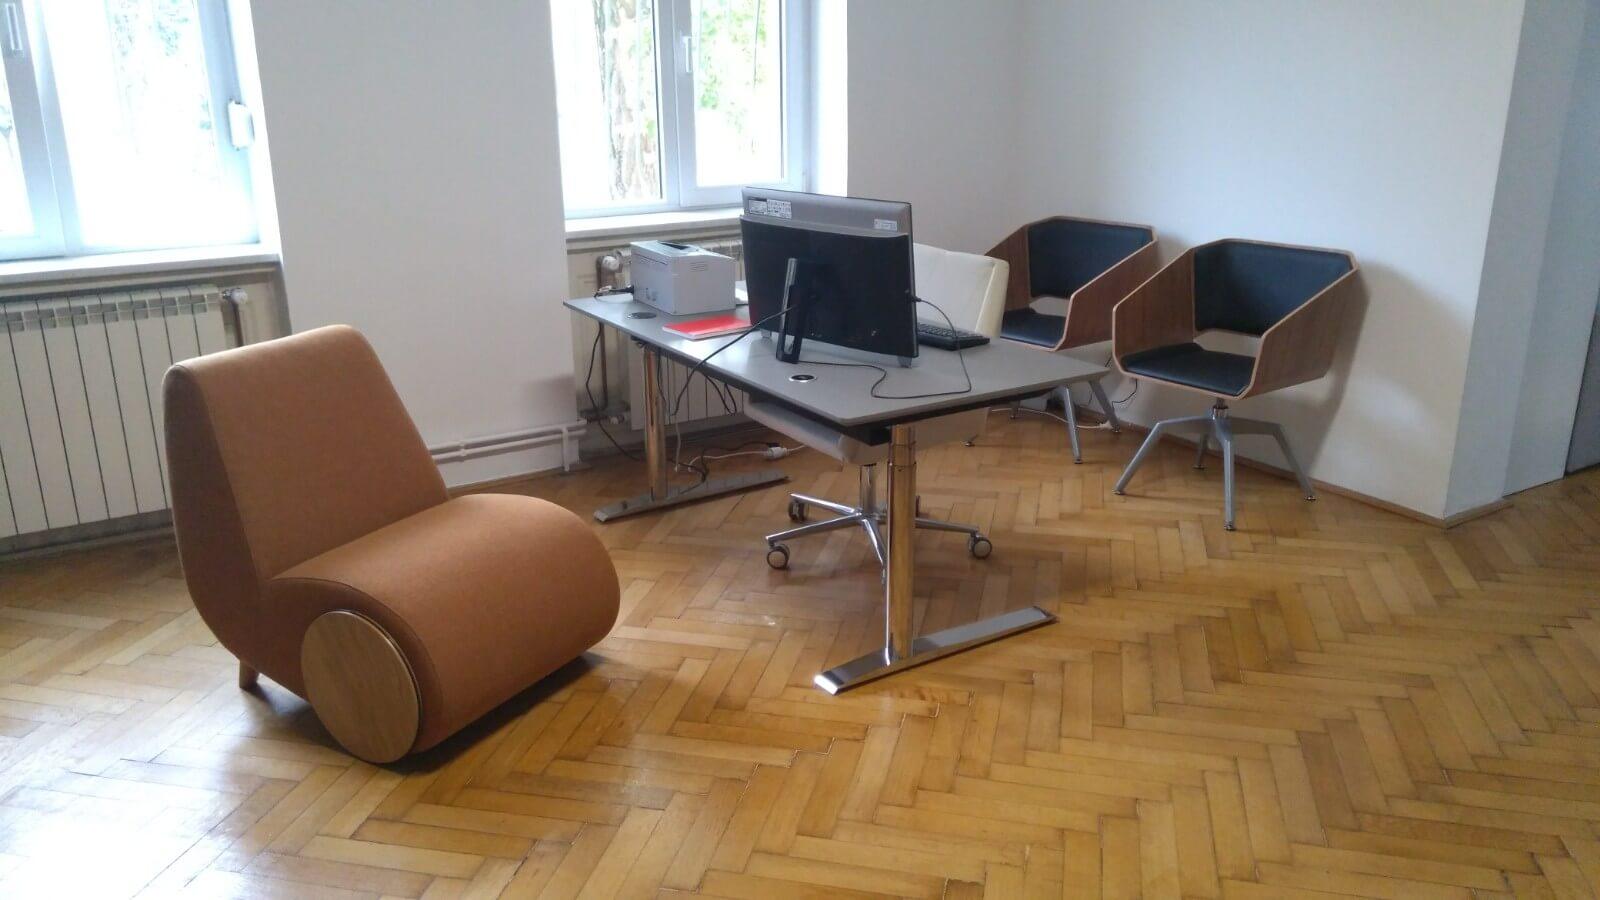 scaune si birou reglabil